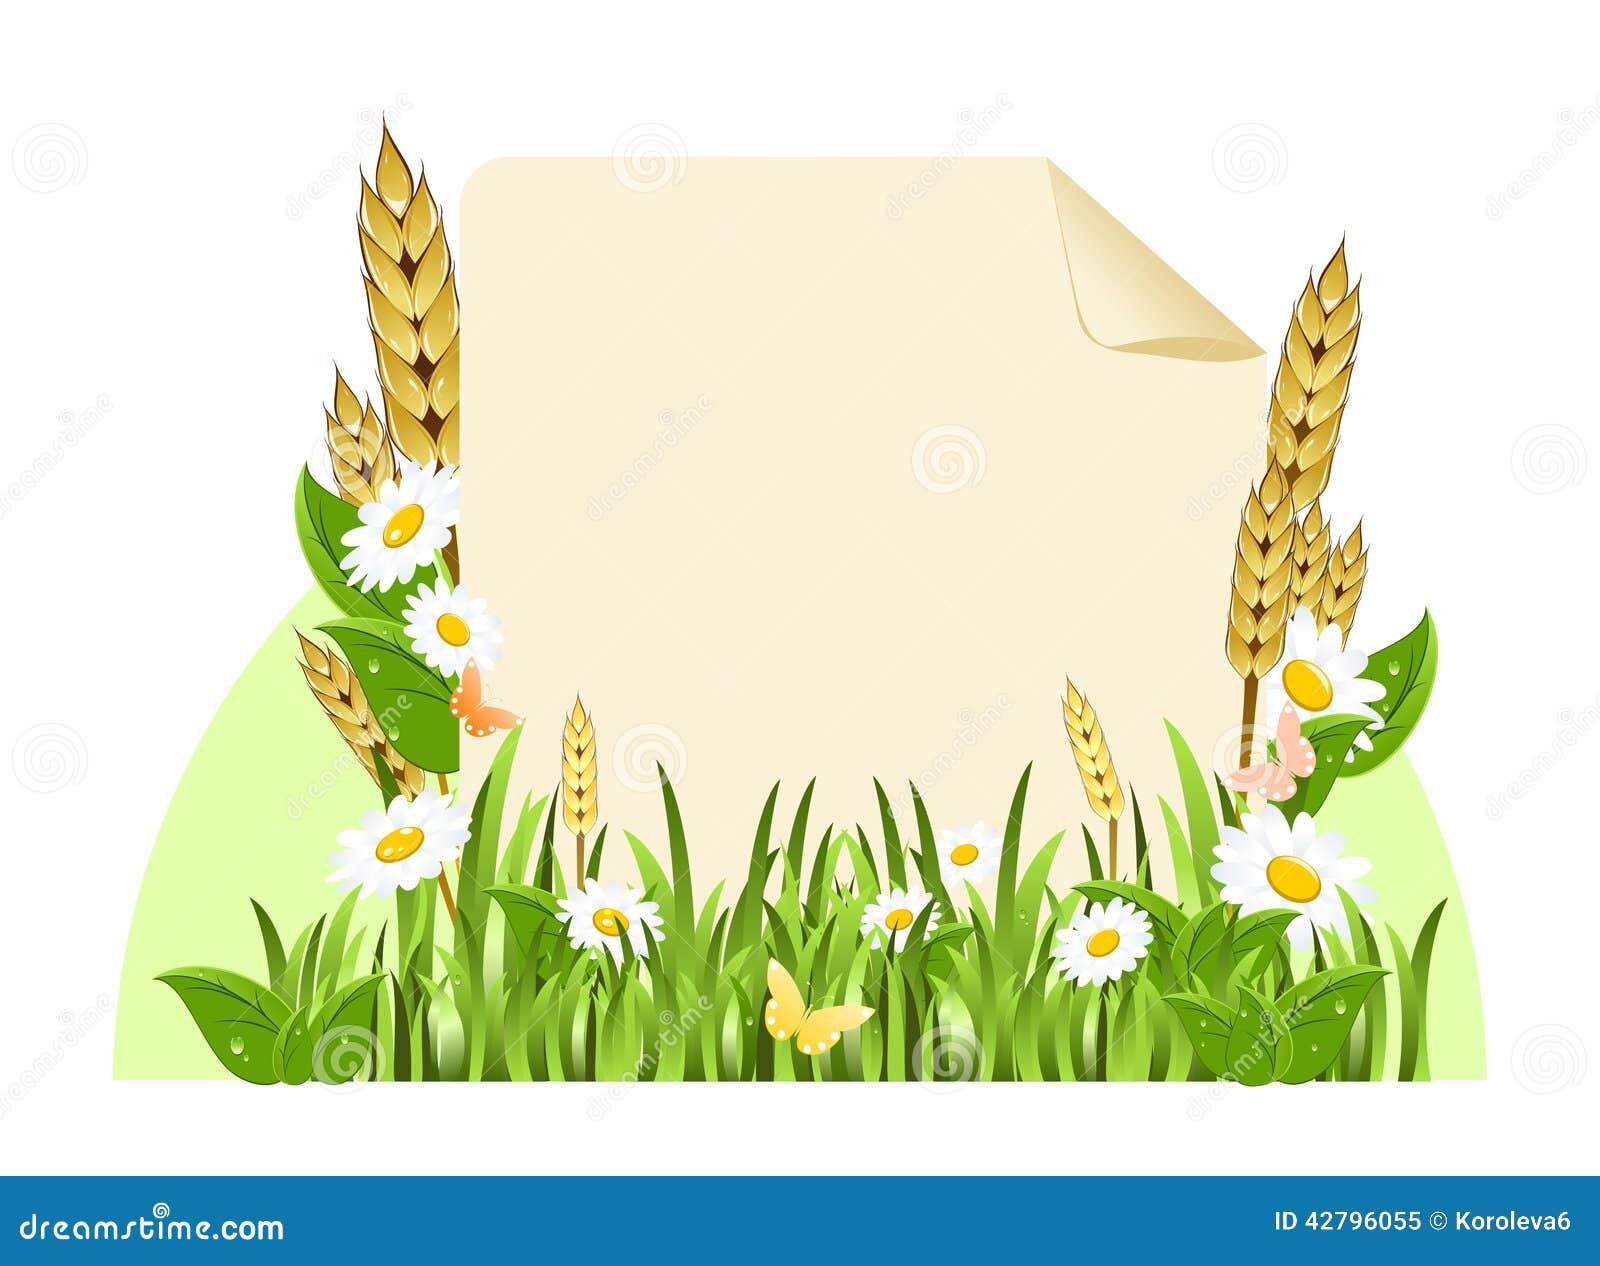 花和玉米穗围拢的纸纸卷.图片